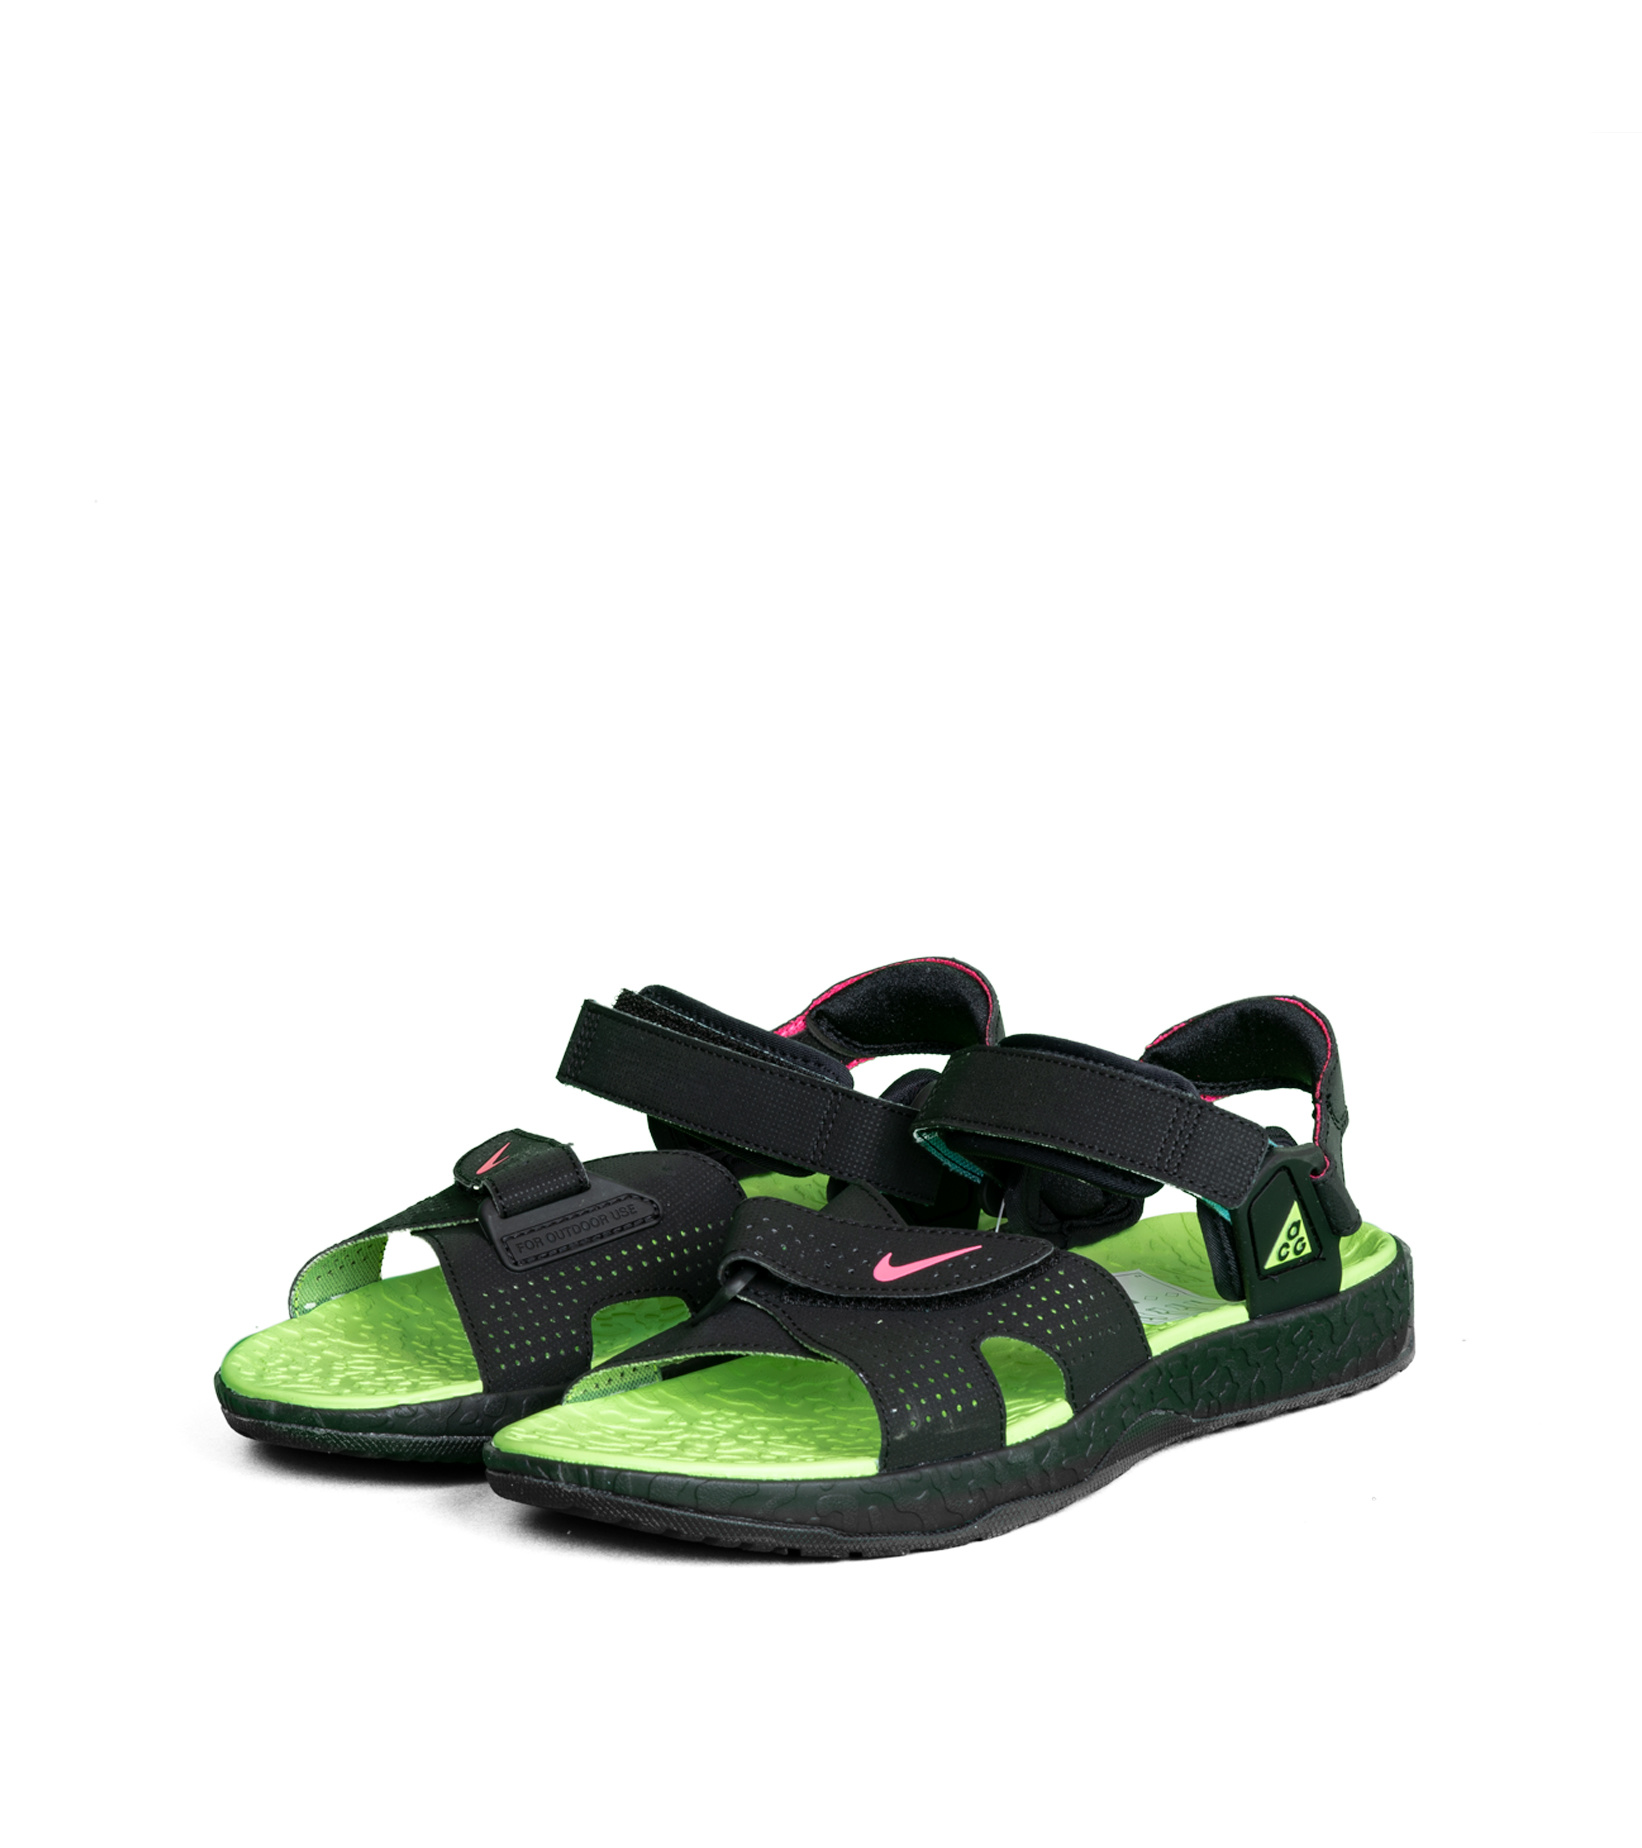 """ACG Deschutz Sandal """"Black/Green""""-1"""